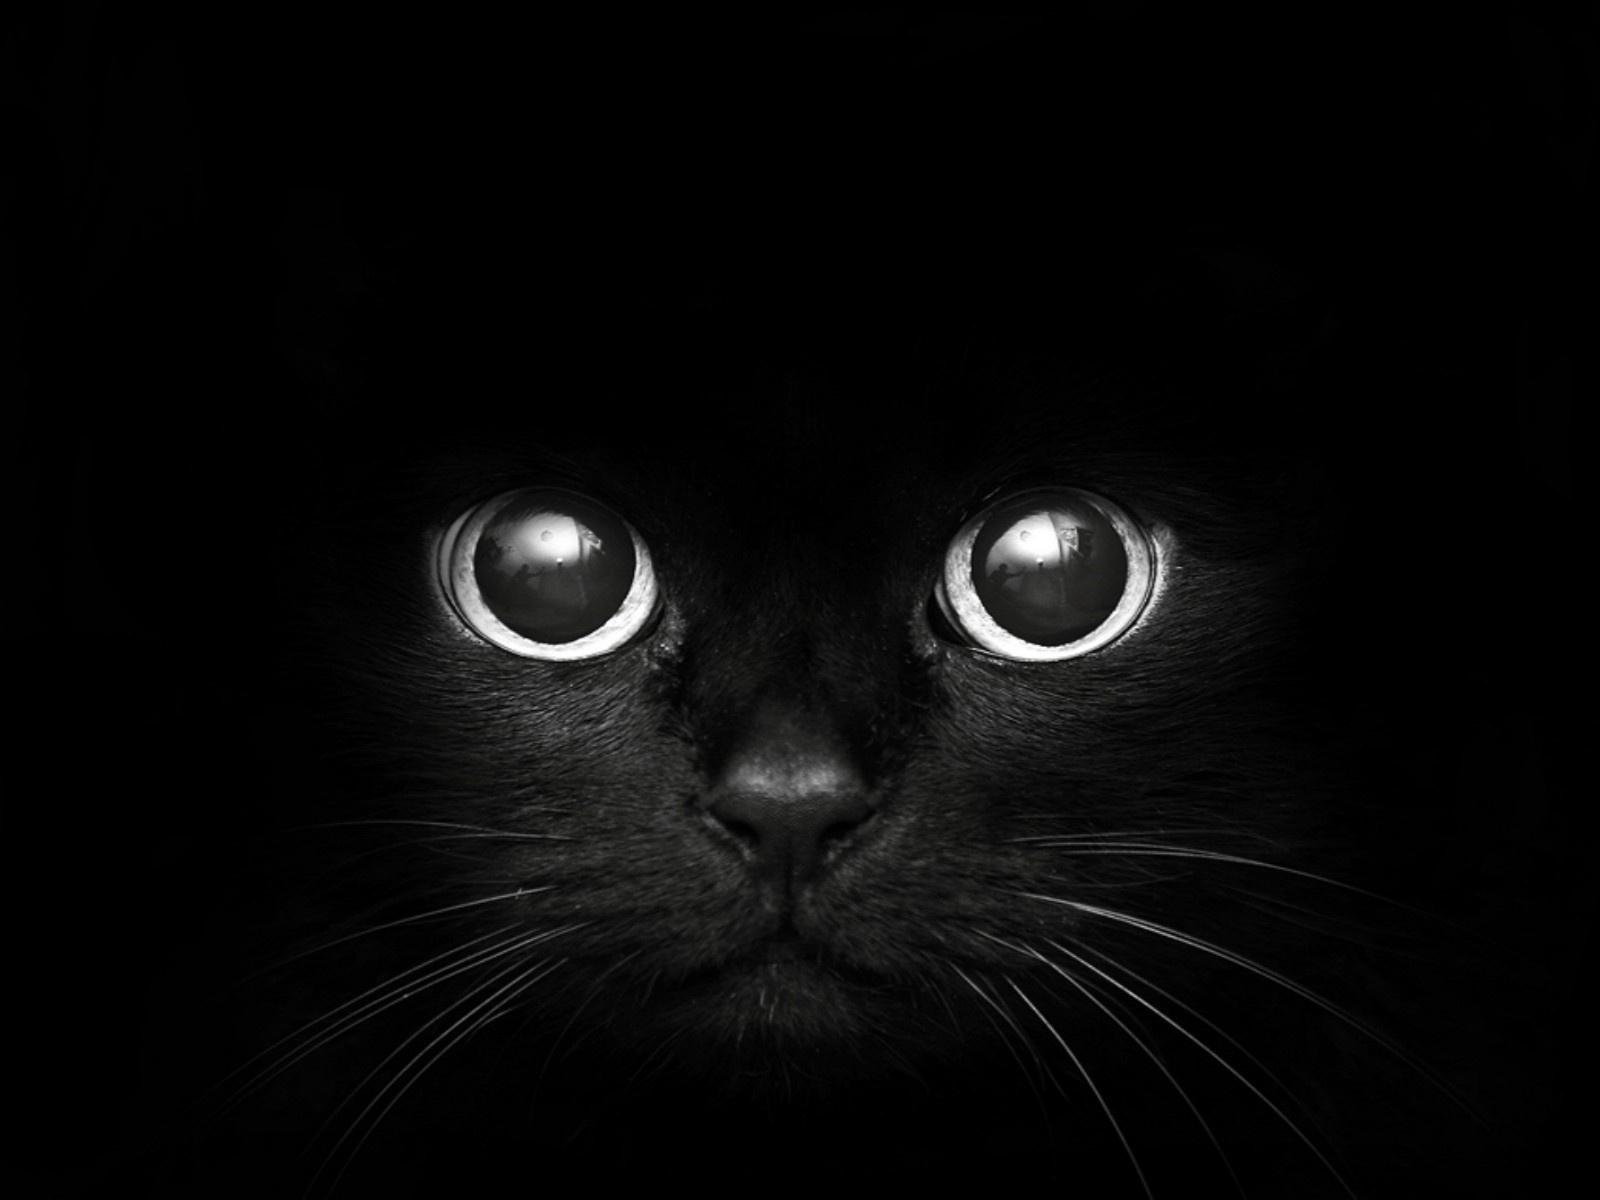 cat hd pics